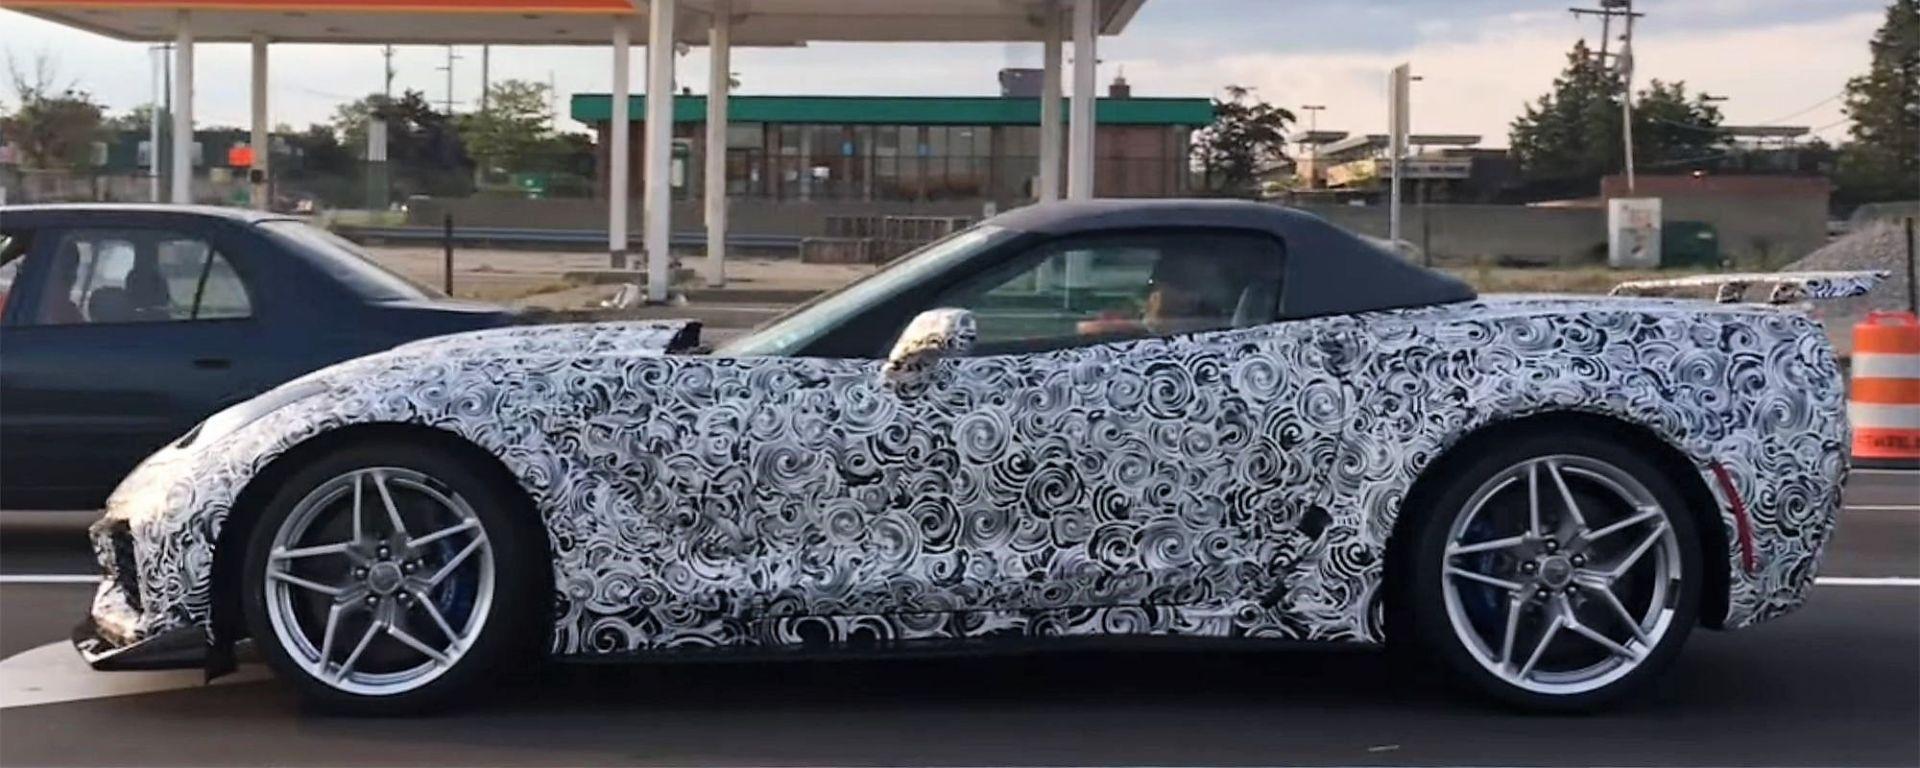 Nuova Corvette ZR1 Convertible: la foto spia